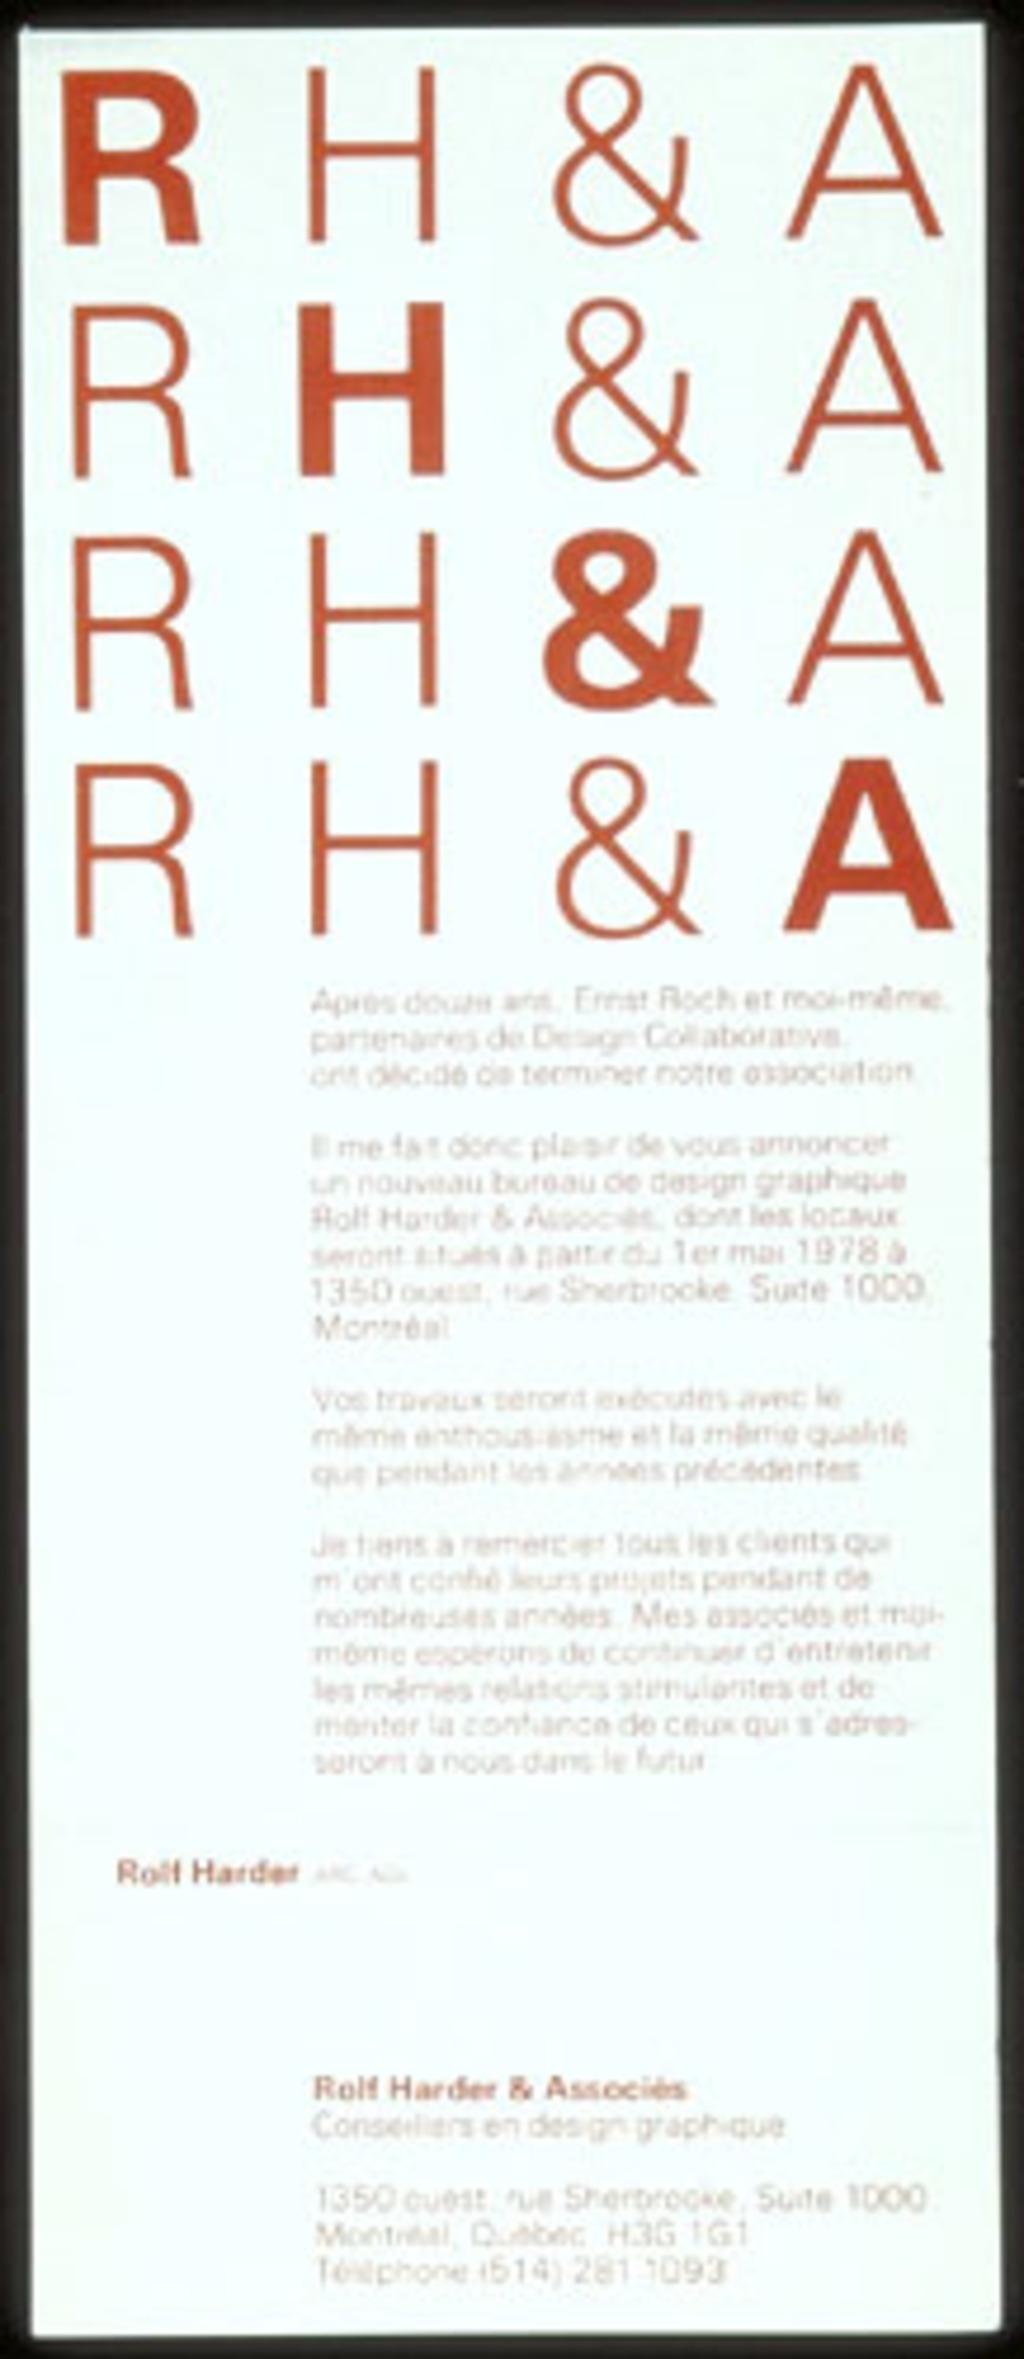 Avis de dissolution pour Design Collaborative et carte d'affaire pour Rolf Harder & Associés